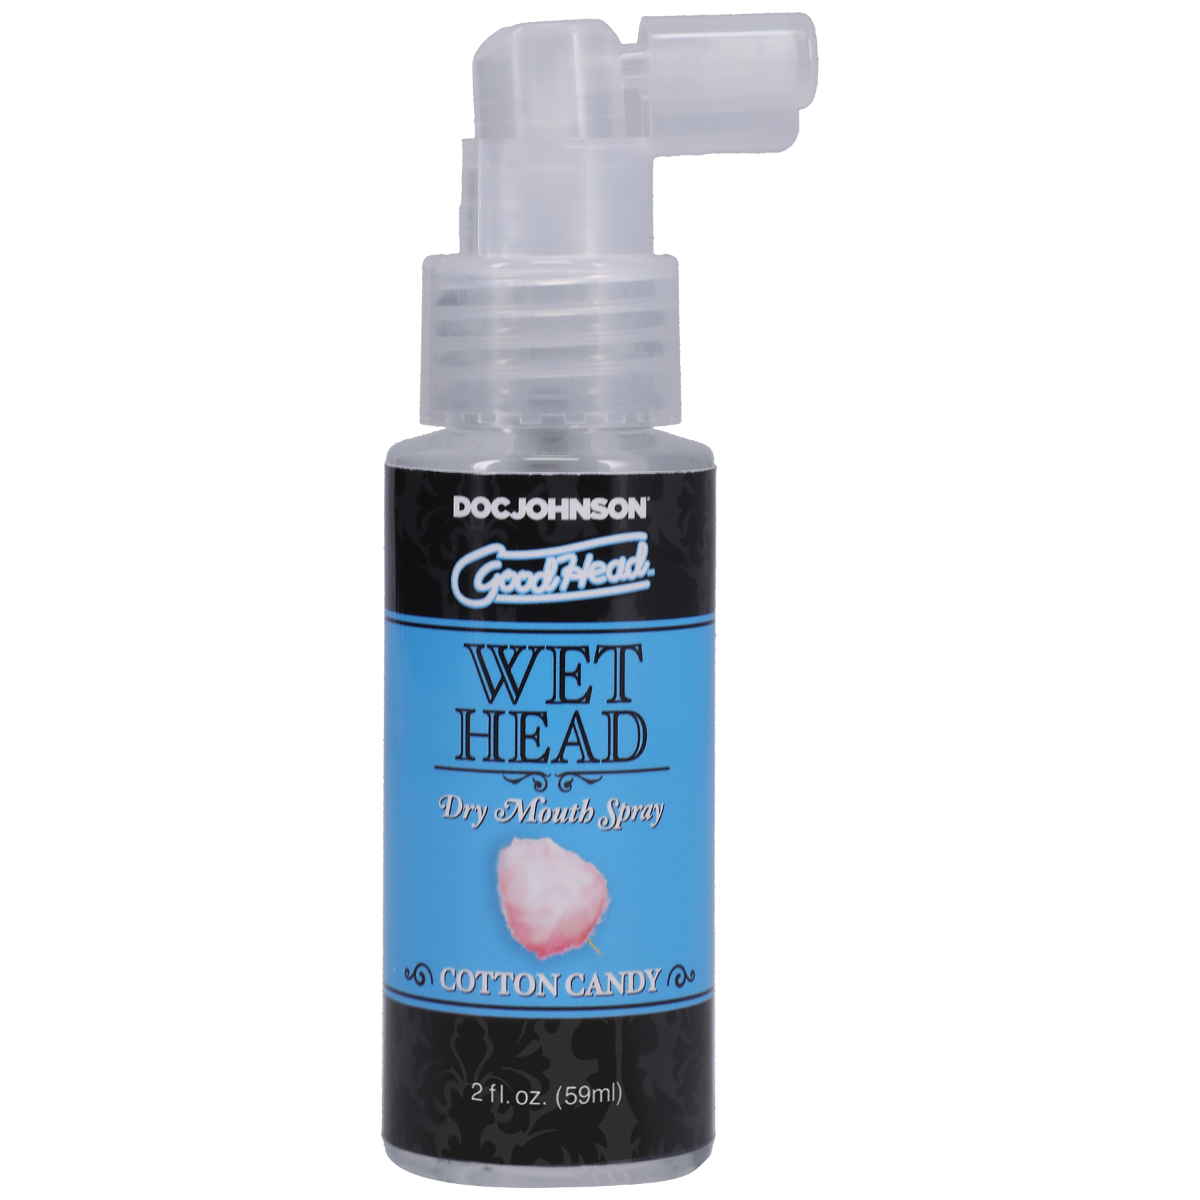 GoodHead - Wet Head - Dry Mouth Spray - Cotton Candy - 2 fl. oz.